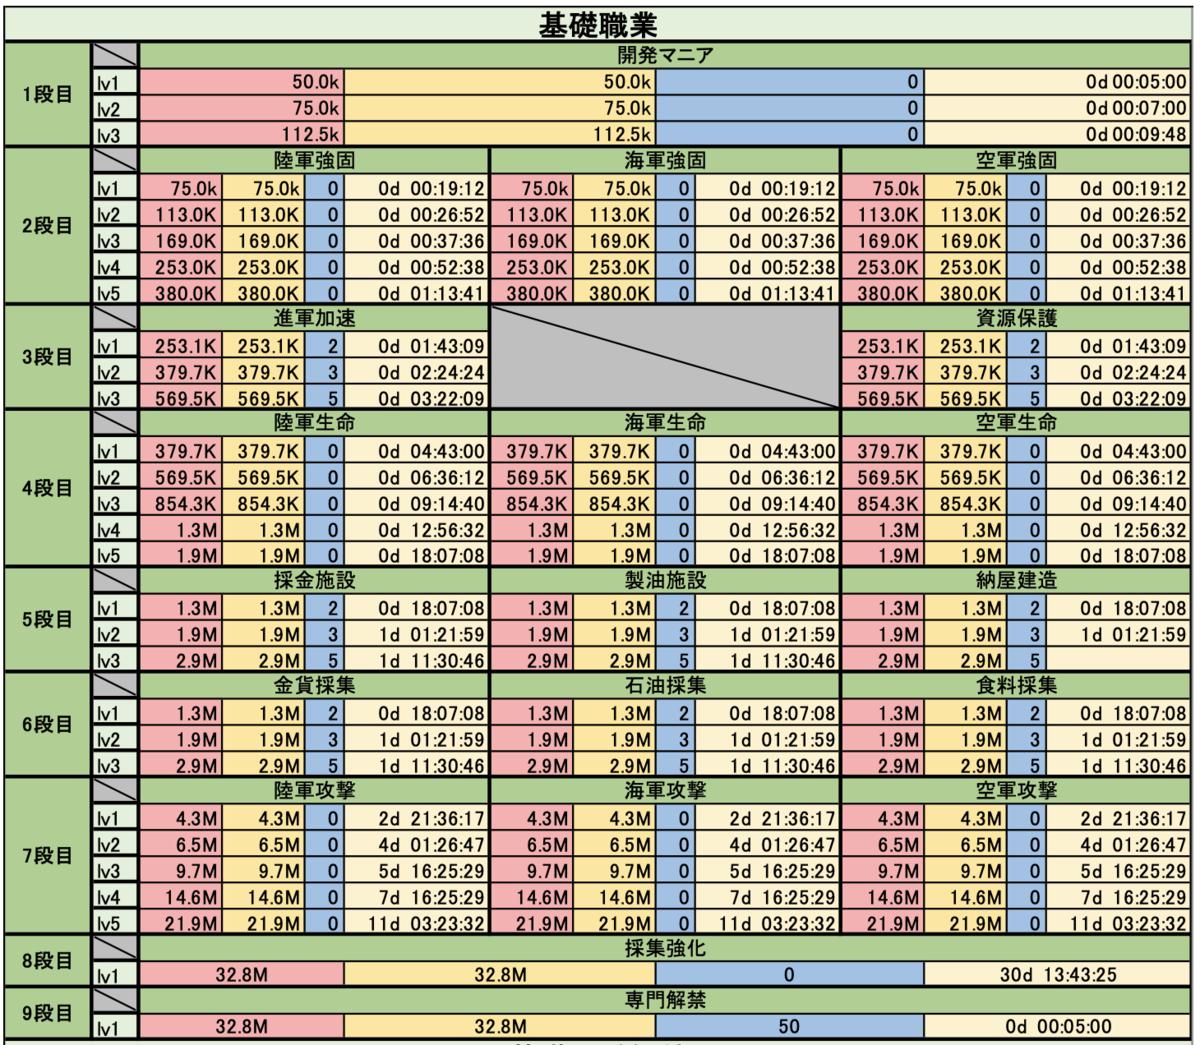 f:id:Topwar-jp1:20210321182235p:plain